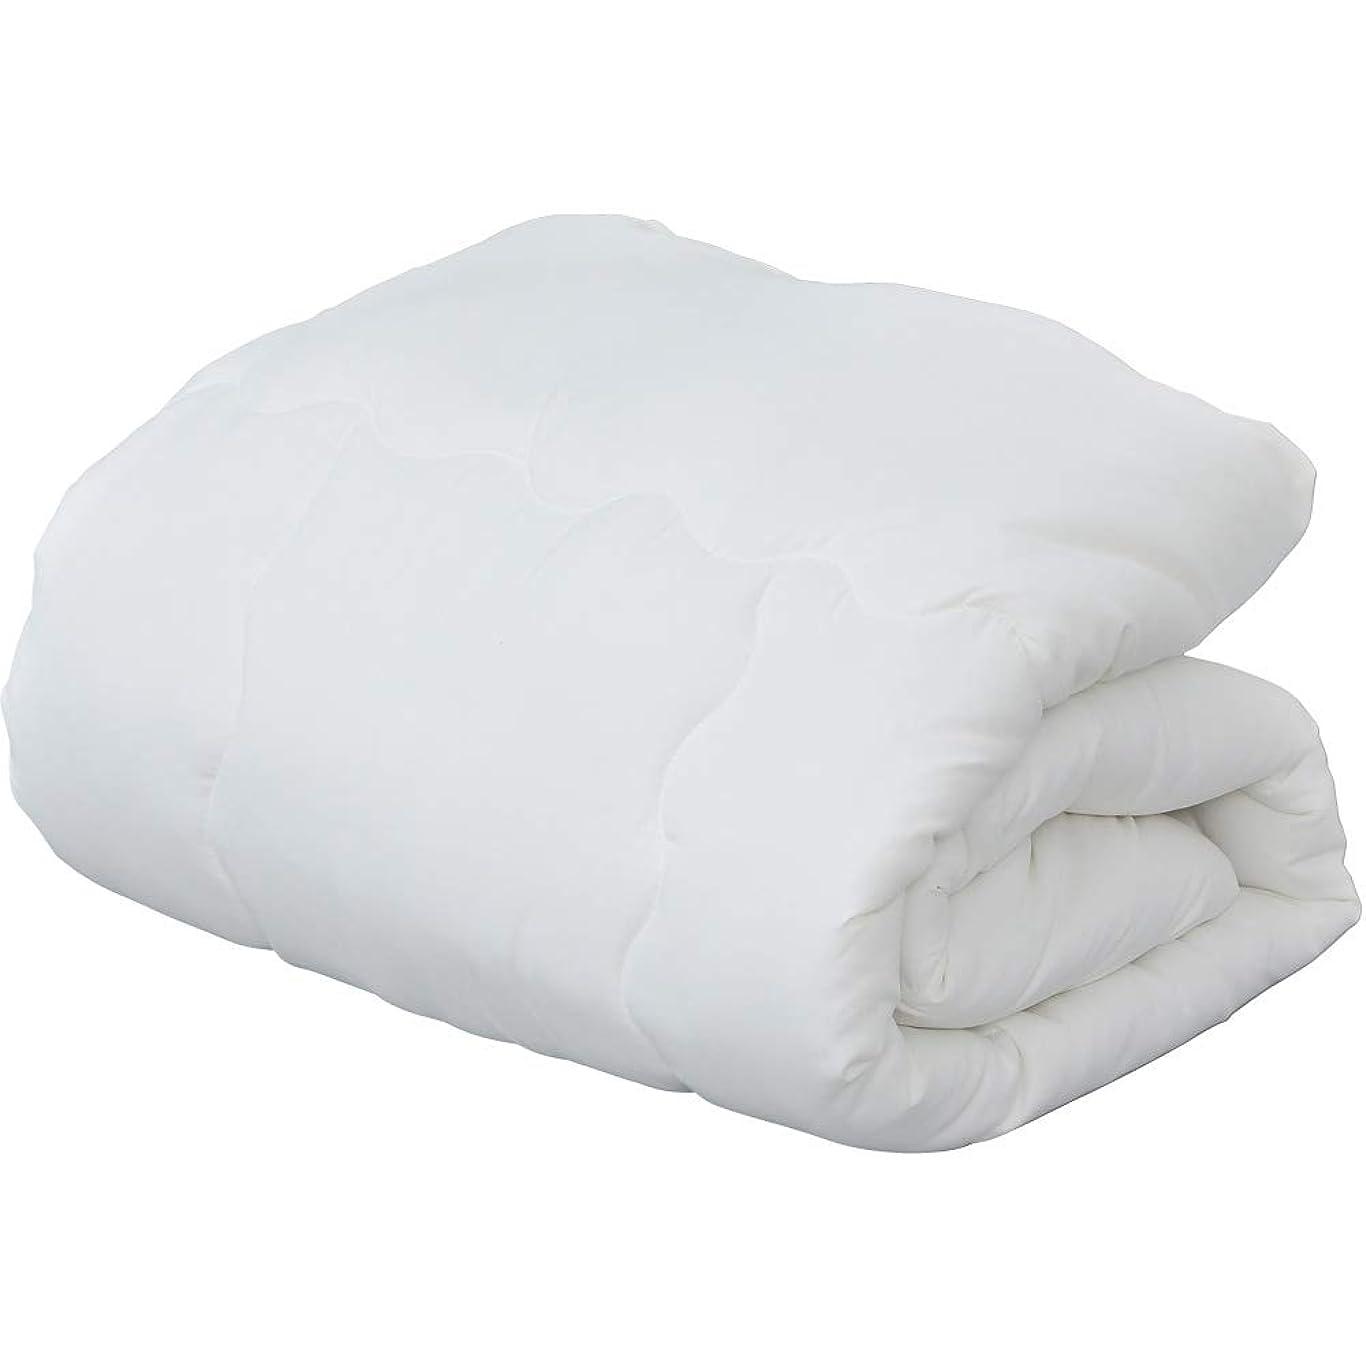 に負ける使用法残りアイリスプラザ 掛け布団 洗える ホコリの出にくい ポリエステル掛布団 シングルロング ホワイト